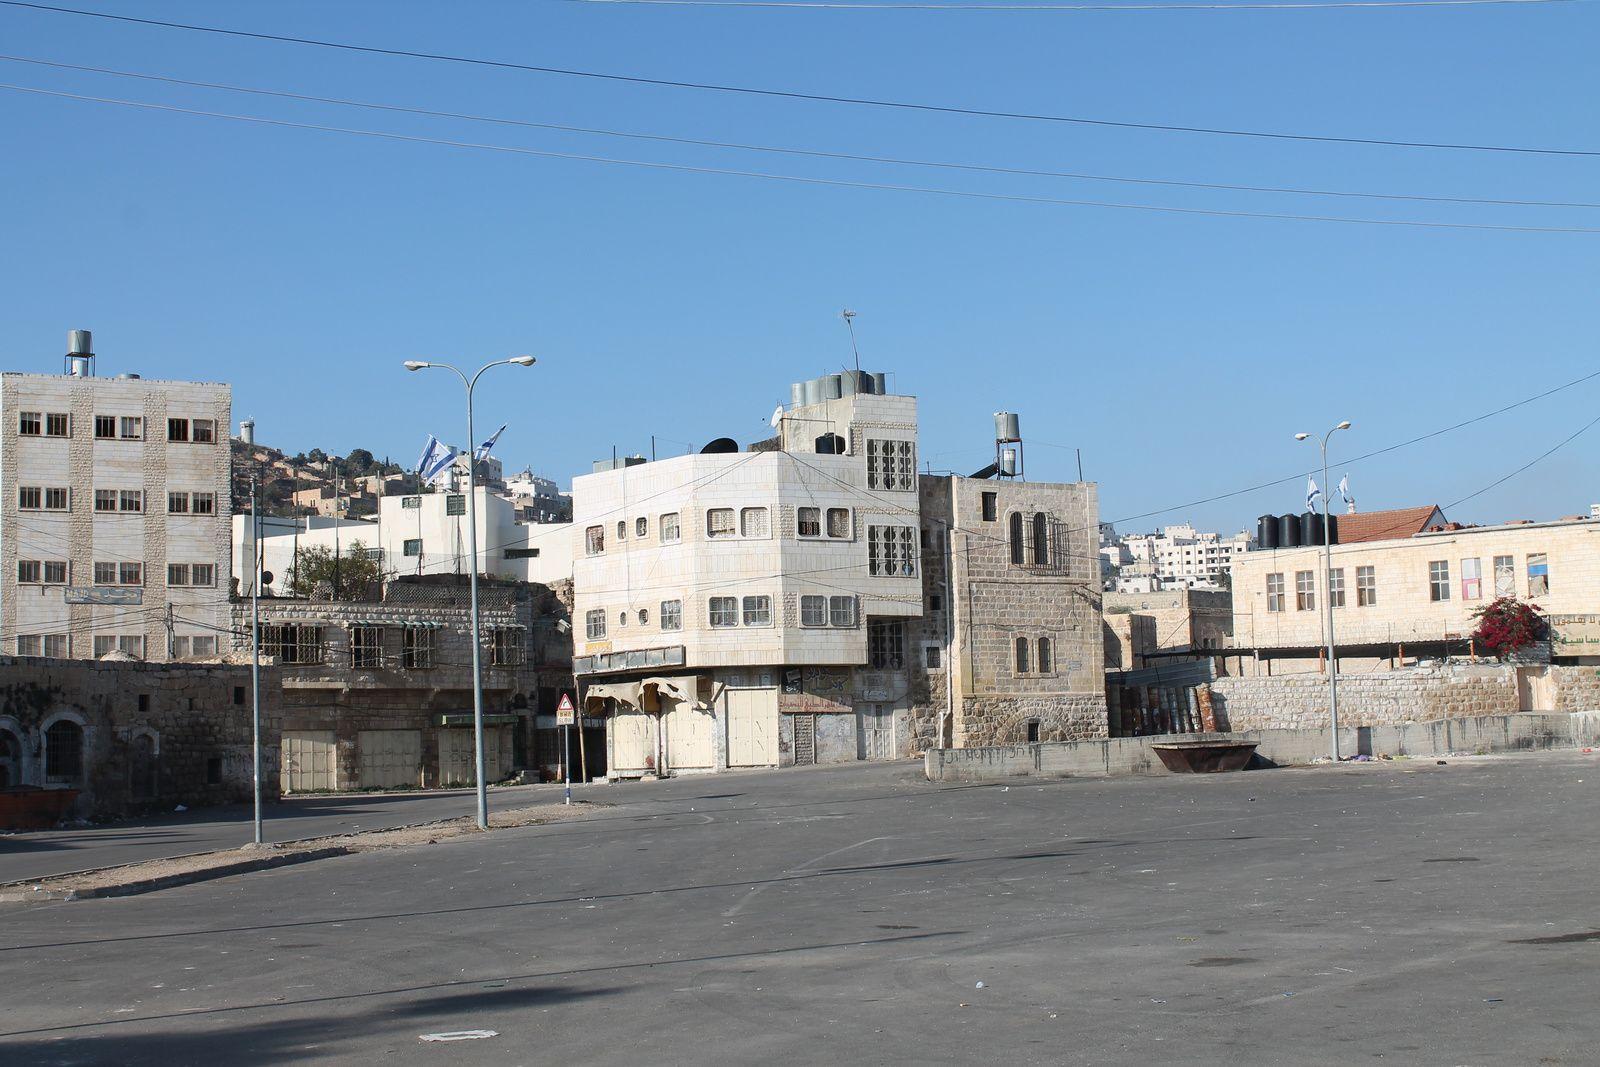 Cette place à l'entrée d'Hébron fut la place du marché. C'était un centre important d'animation pour les Hébronites. Suite à la 2e Intifada, les autorités militaires israéliennes y ont interdit toute activité. C'était un lieu vivant qui a été anesthésié.